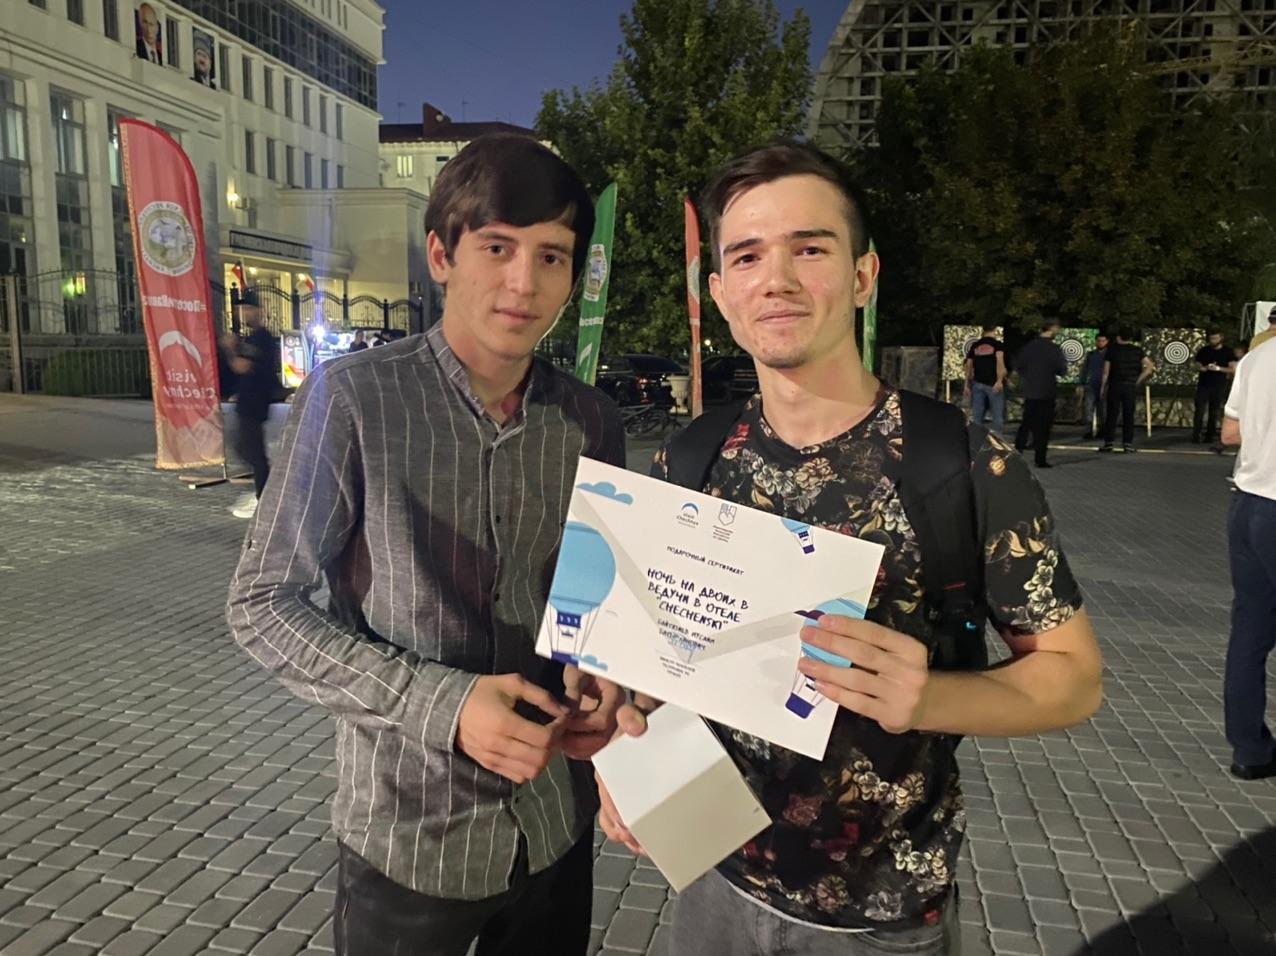 Visit Chechnya организовал праздник для жителей